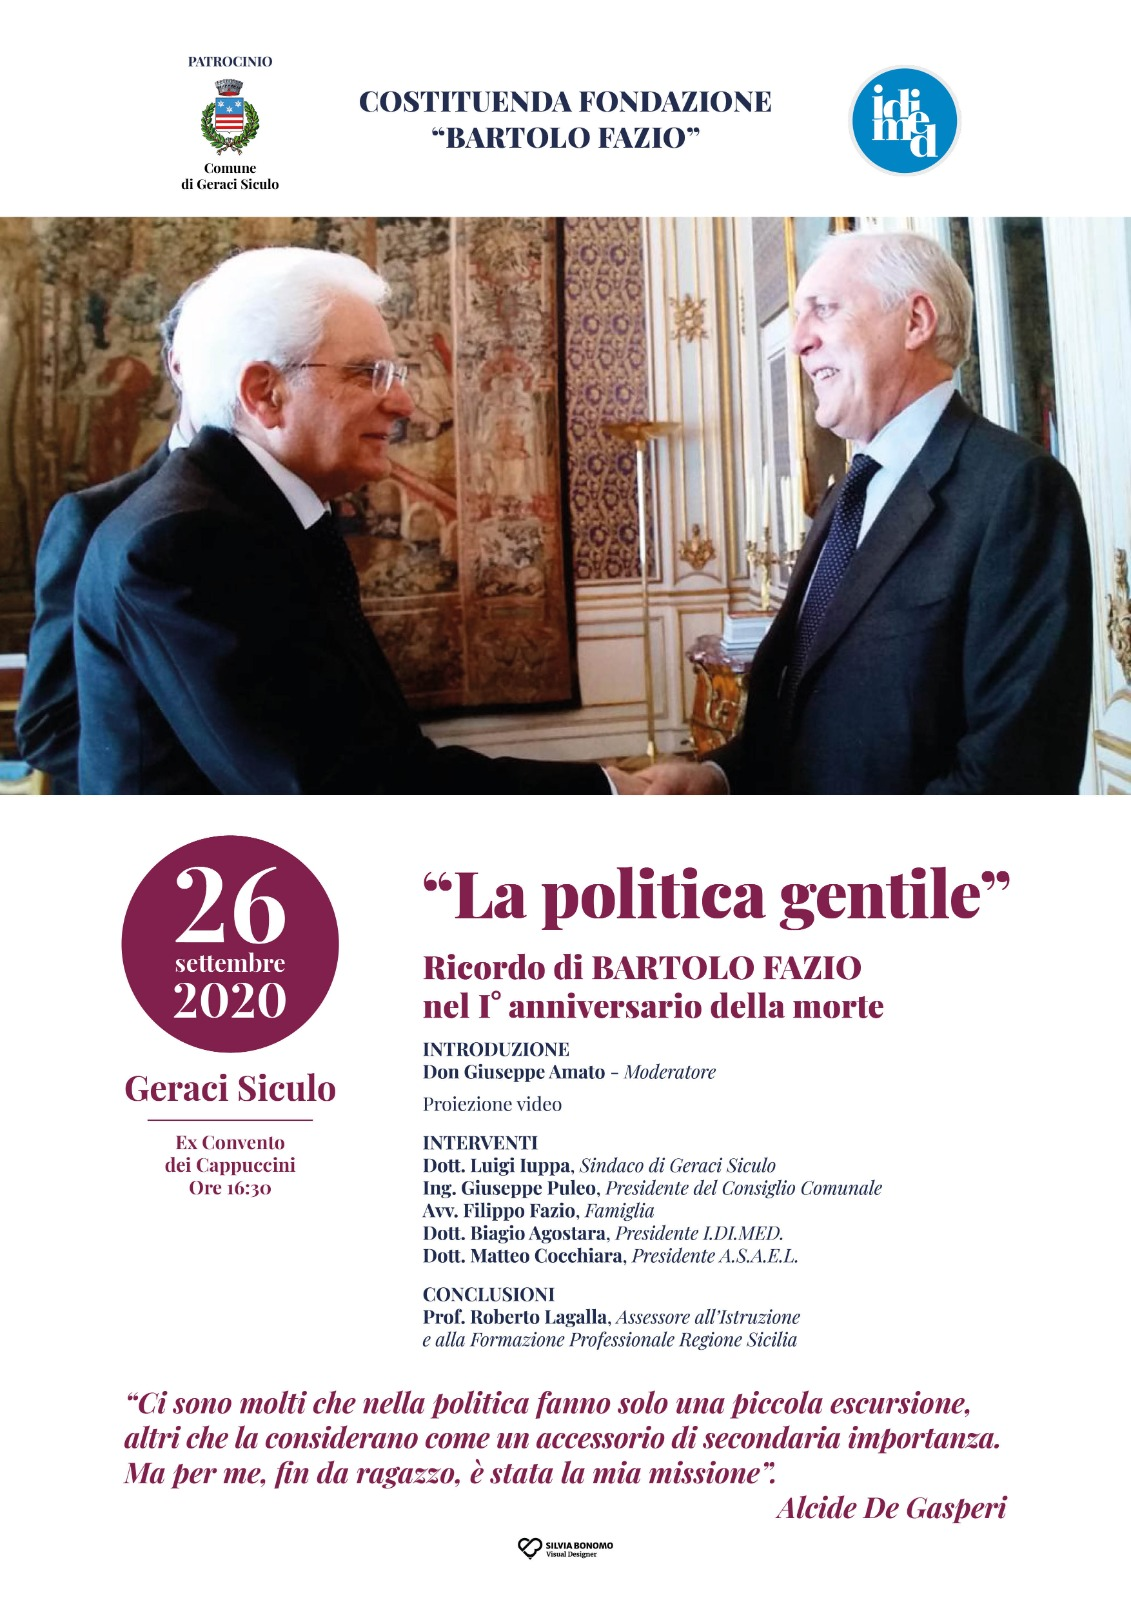 la-politica-gentile_bartolo_fazio